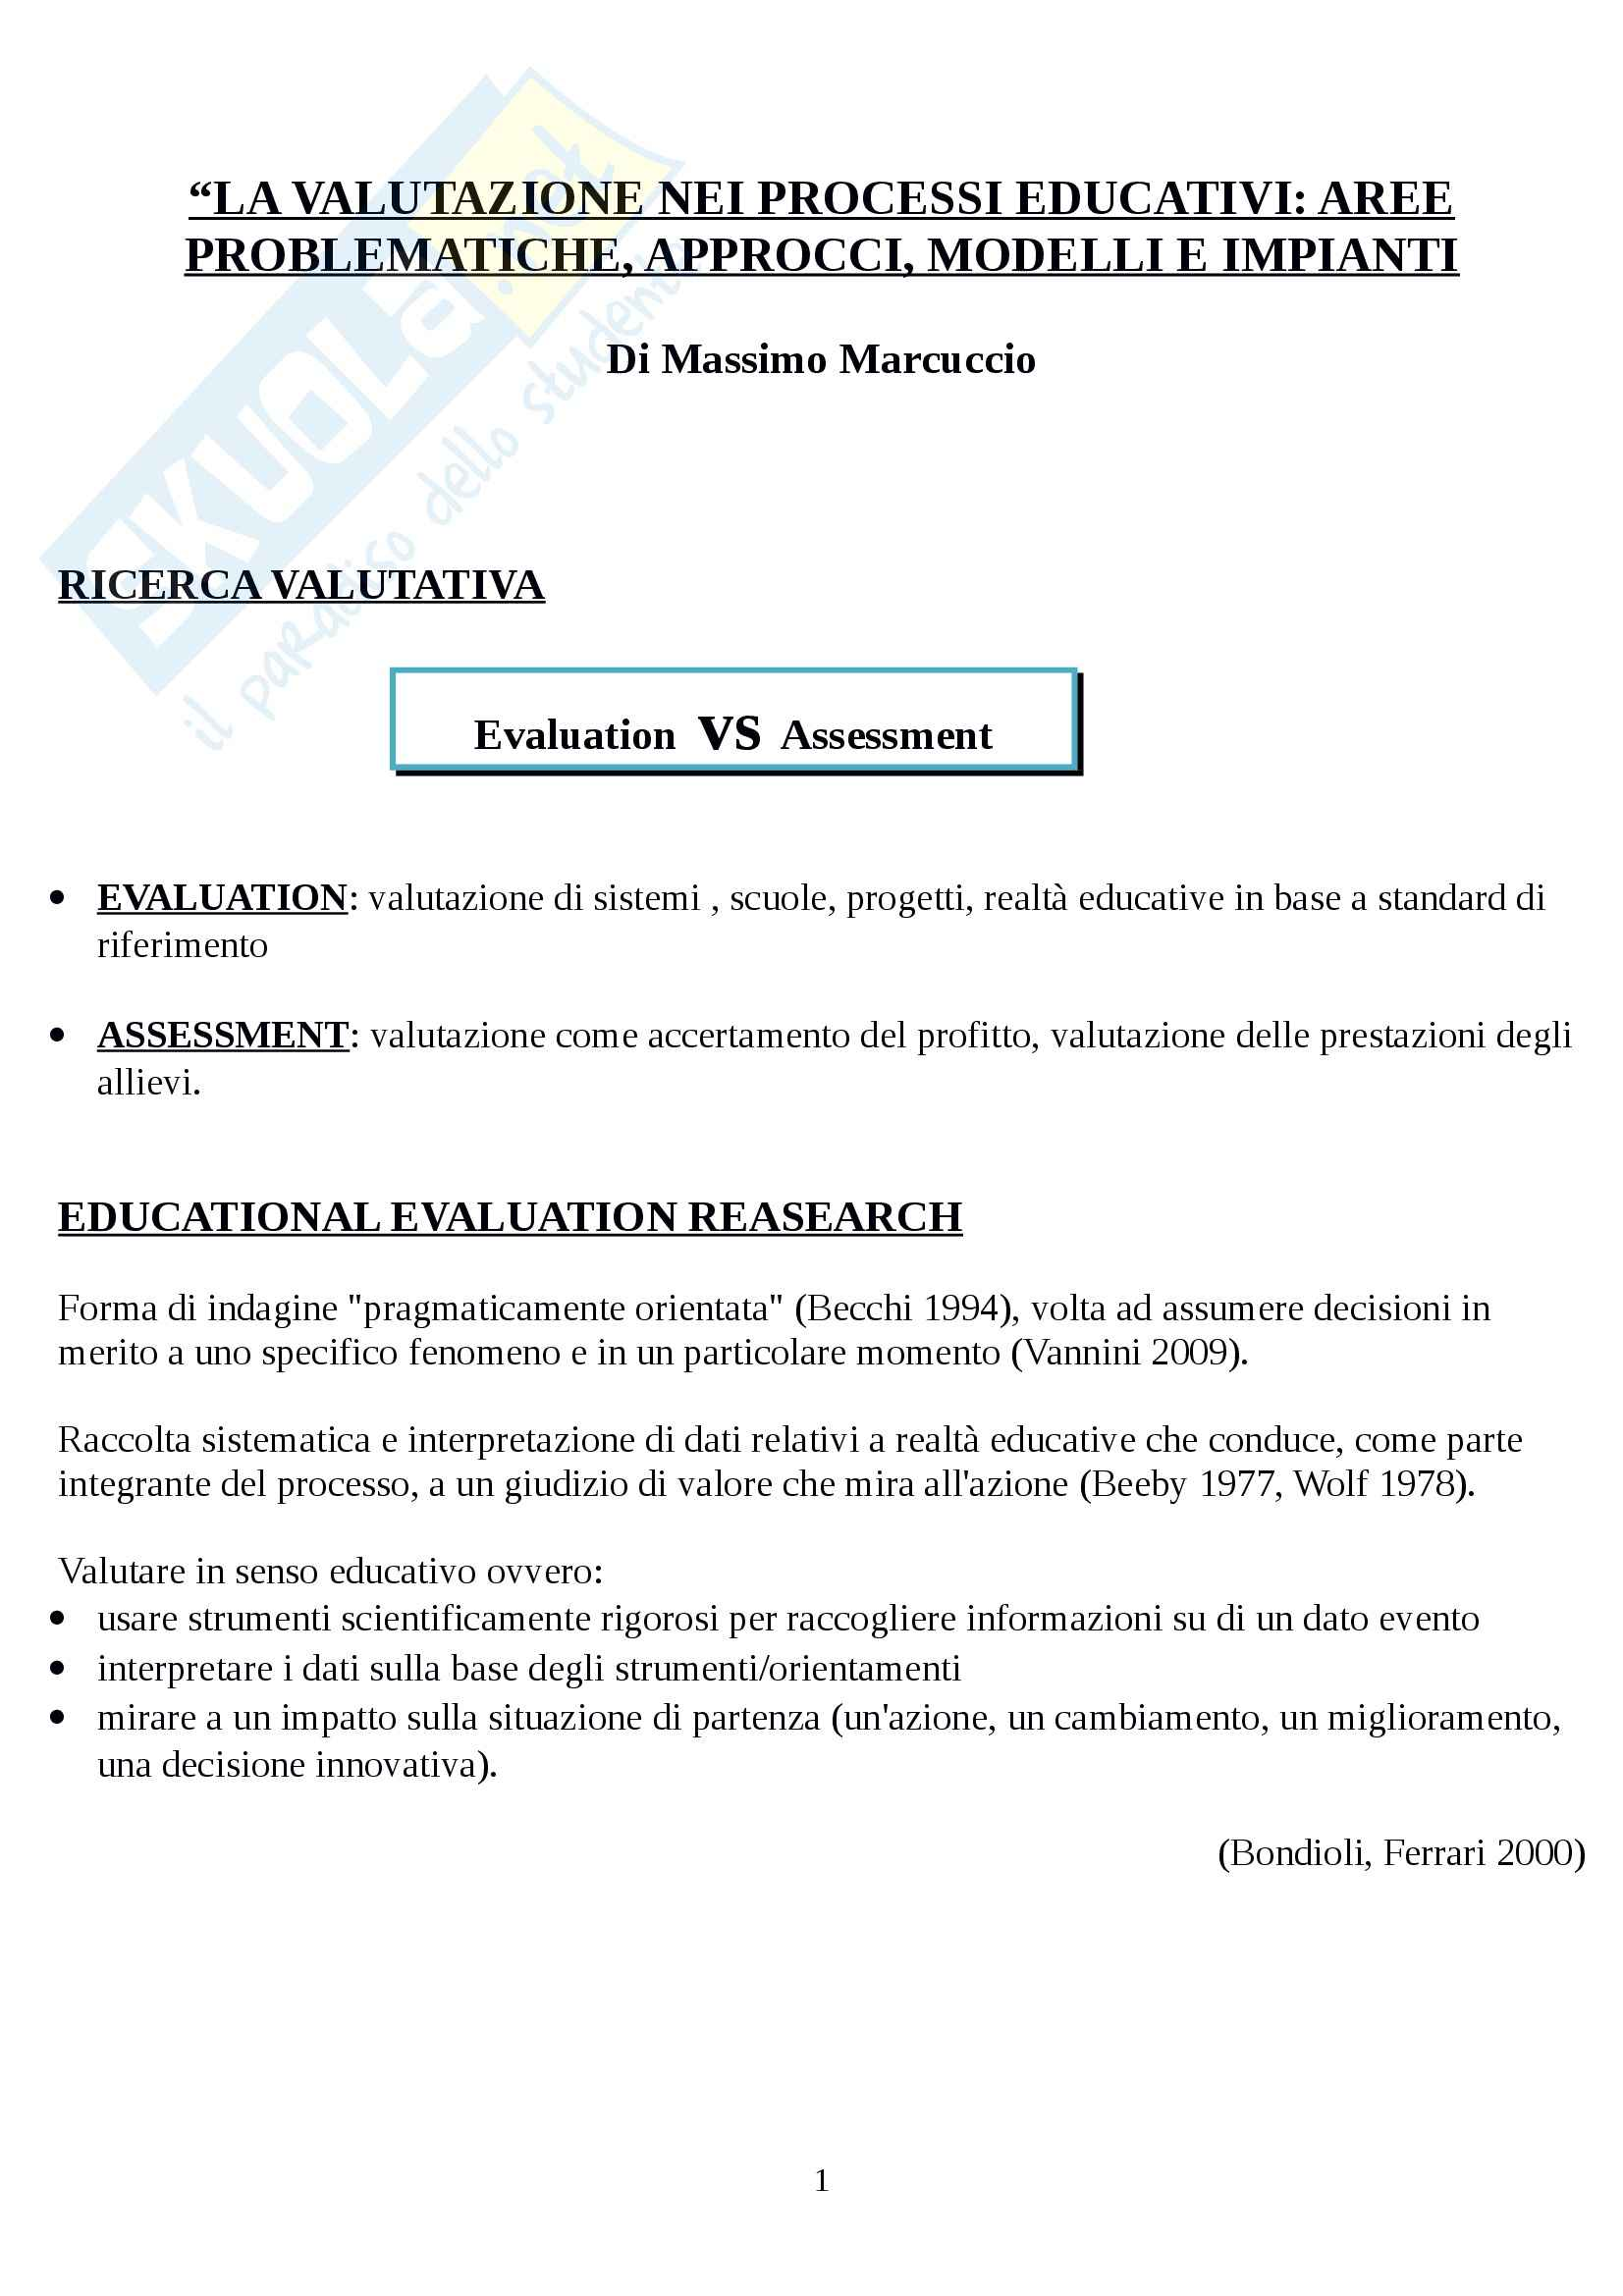 Riassunto esame Teorie e Metodi di Progettazione e valutazione dei processi educativi, Prof. Luppi, dispensa consigliata La valutazione nei processi educativi di M. Marcuccio